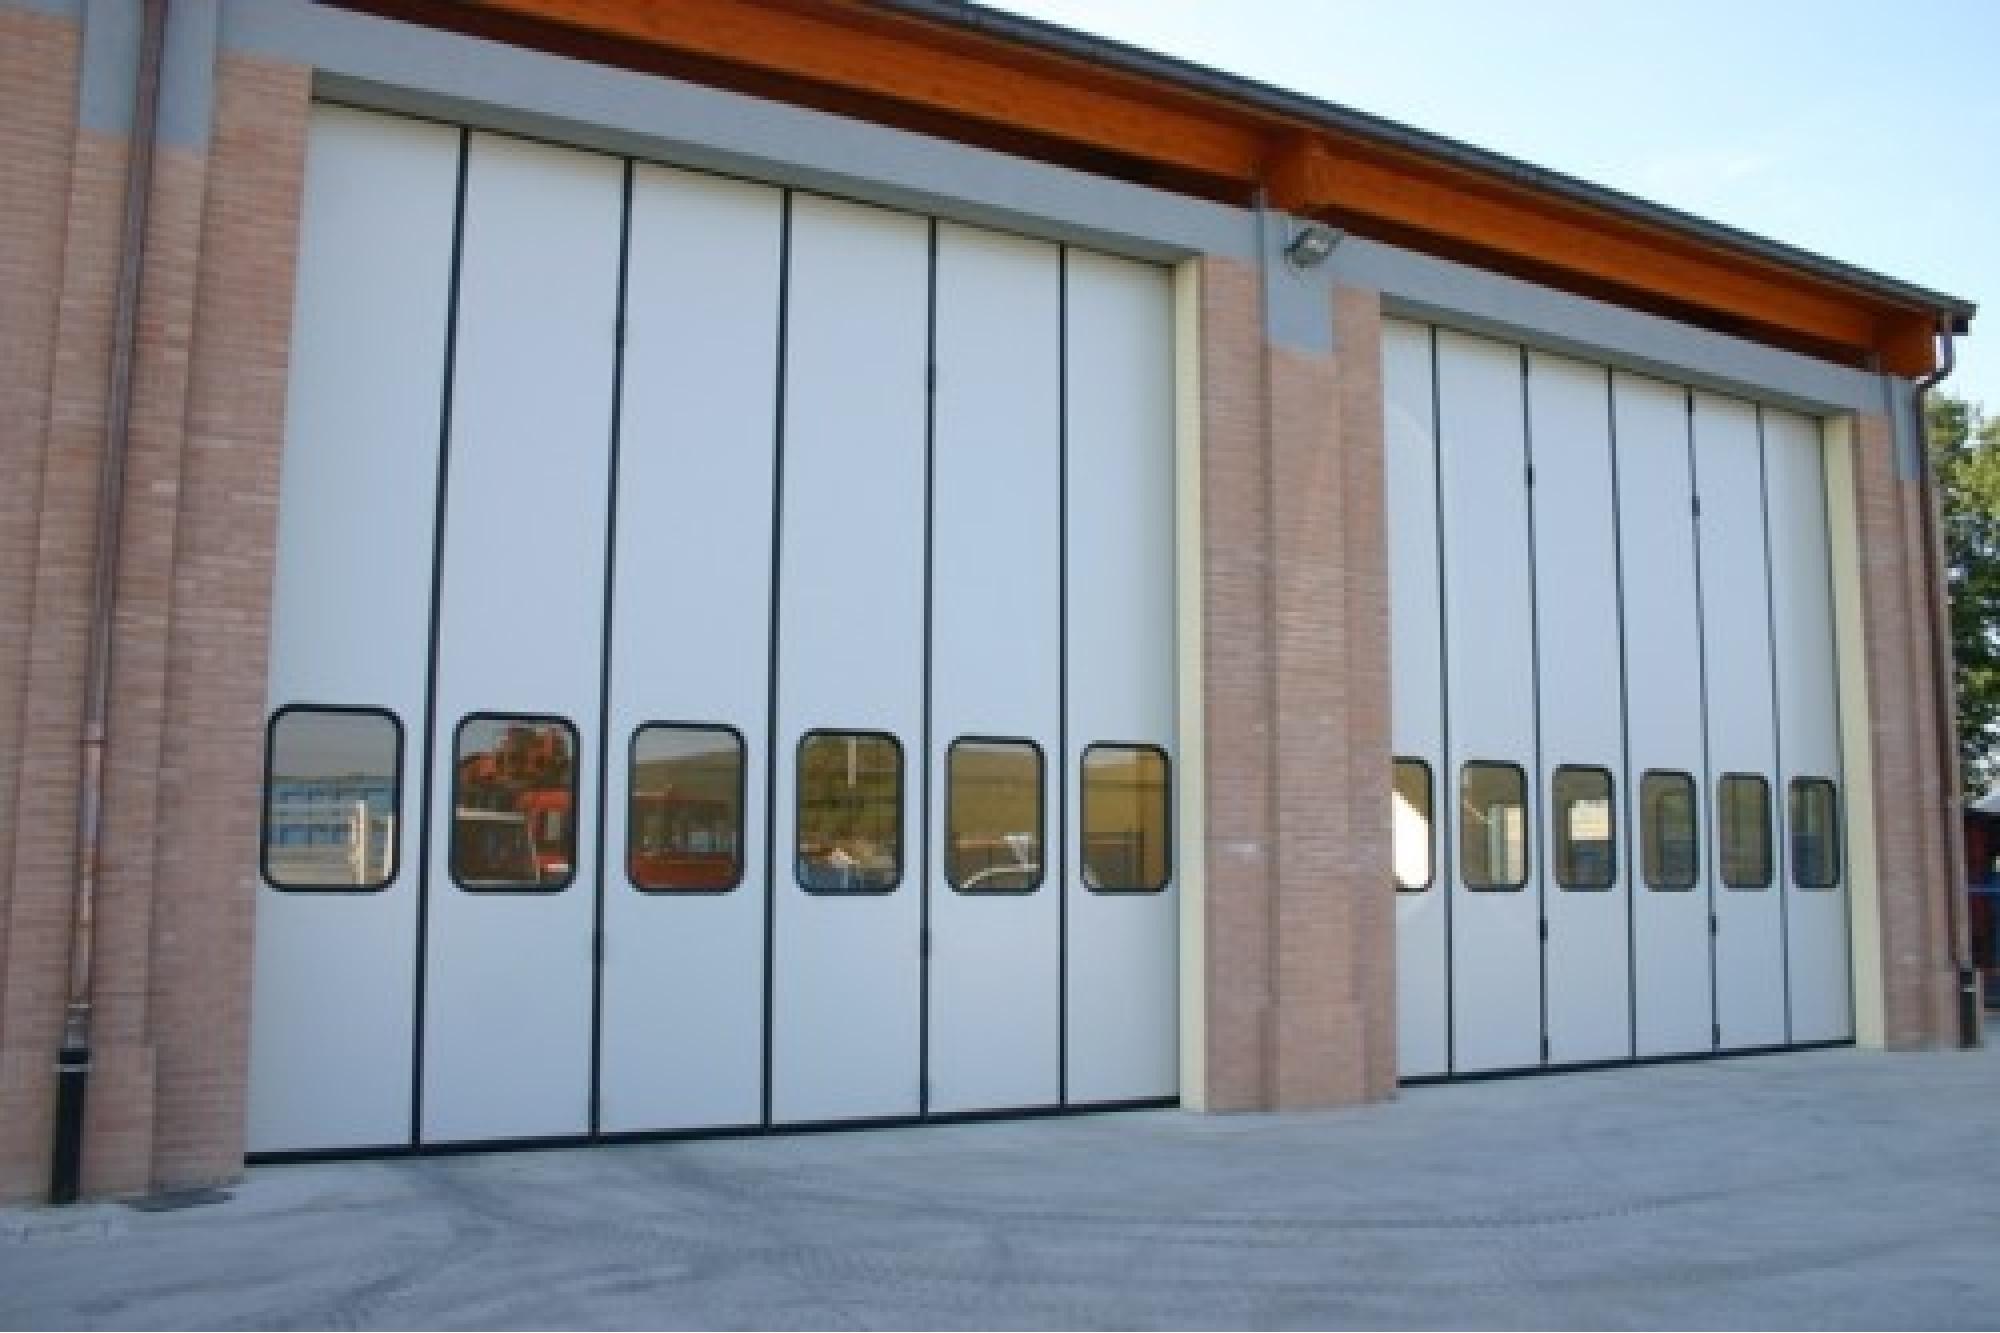 Portoni a libro industriali richiedi prezzo o preventivo - Portoni garage con finestre ...